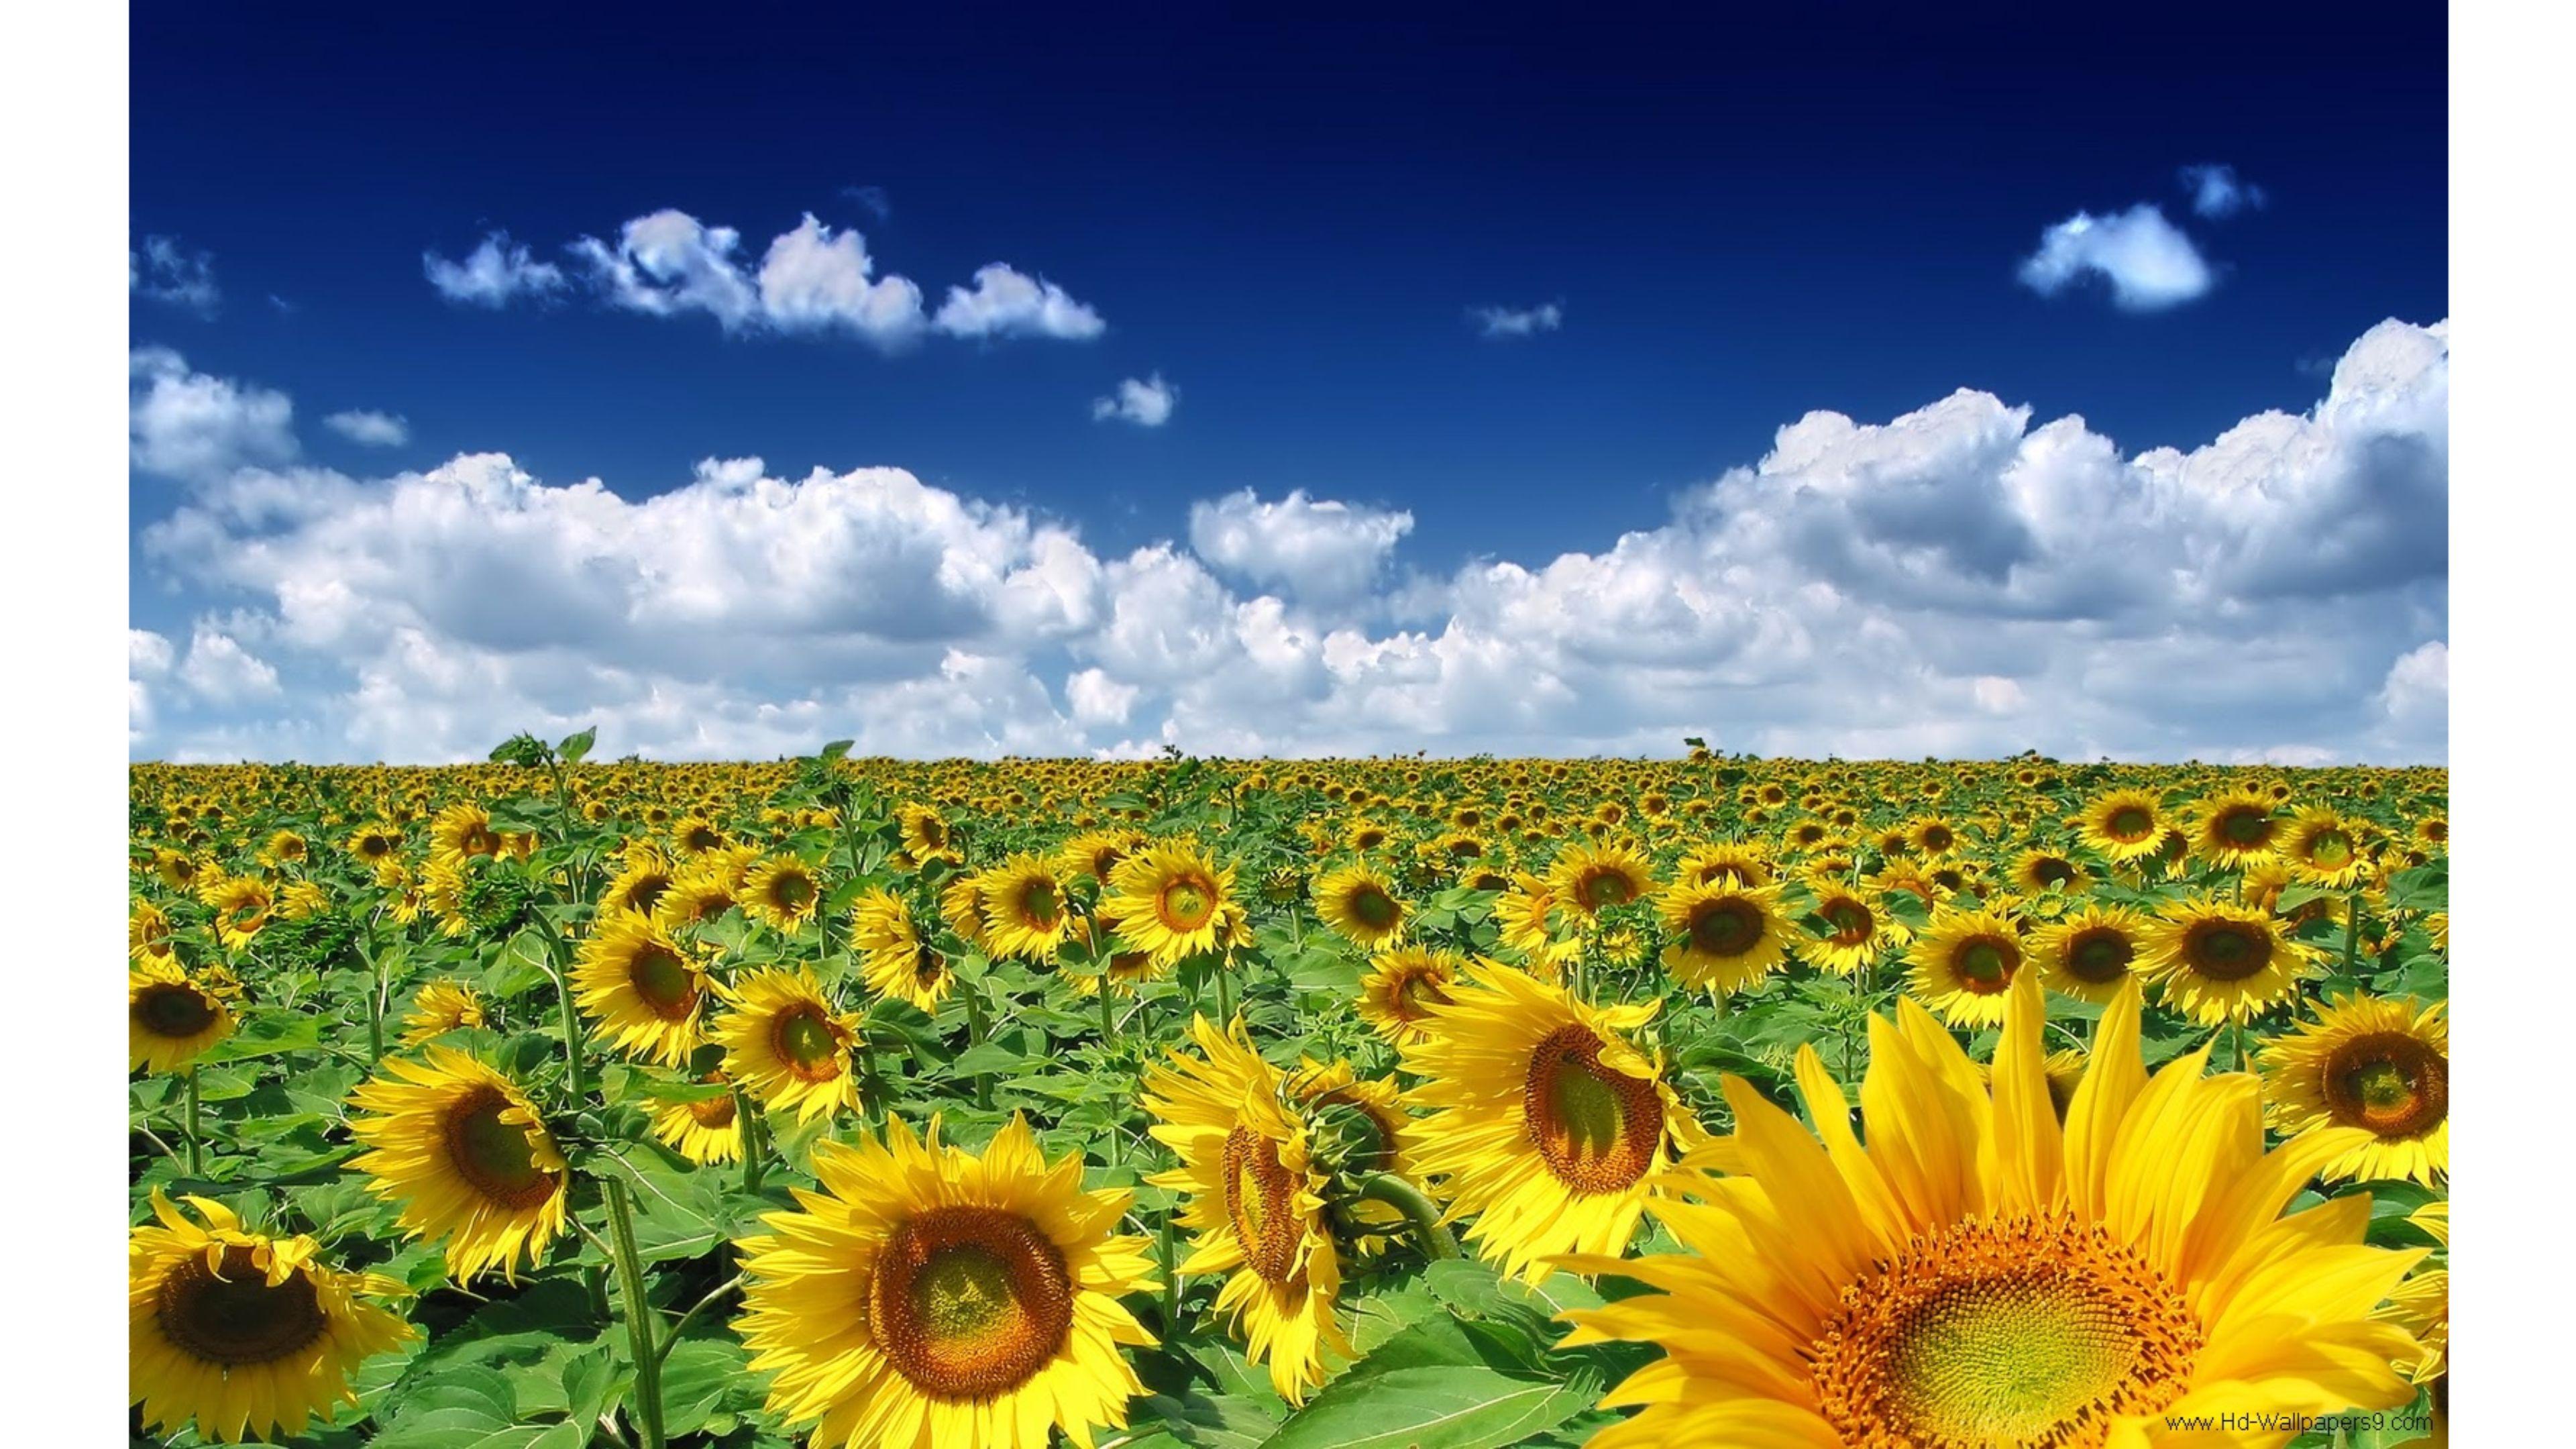 Sunflowers Summer Wallpaper 4k Wallpaper Sunflowers Laptop 3840x2160 Download Hd Wallpaper Wallpapertip